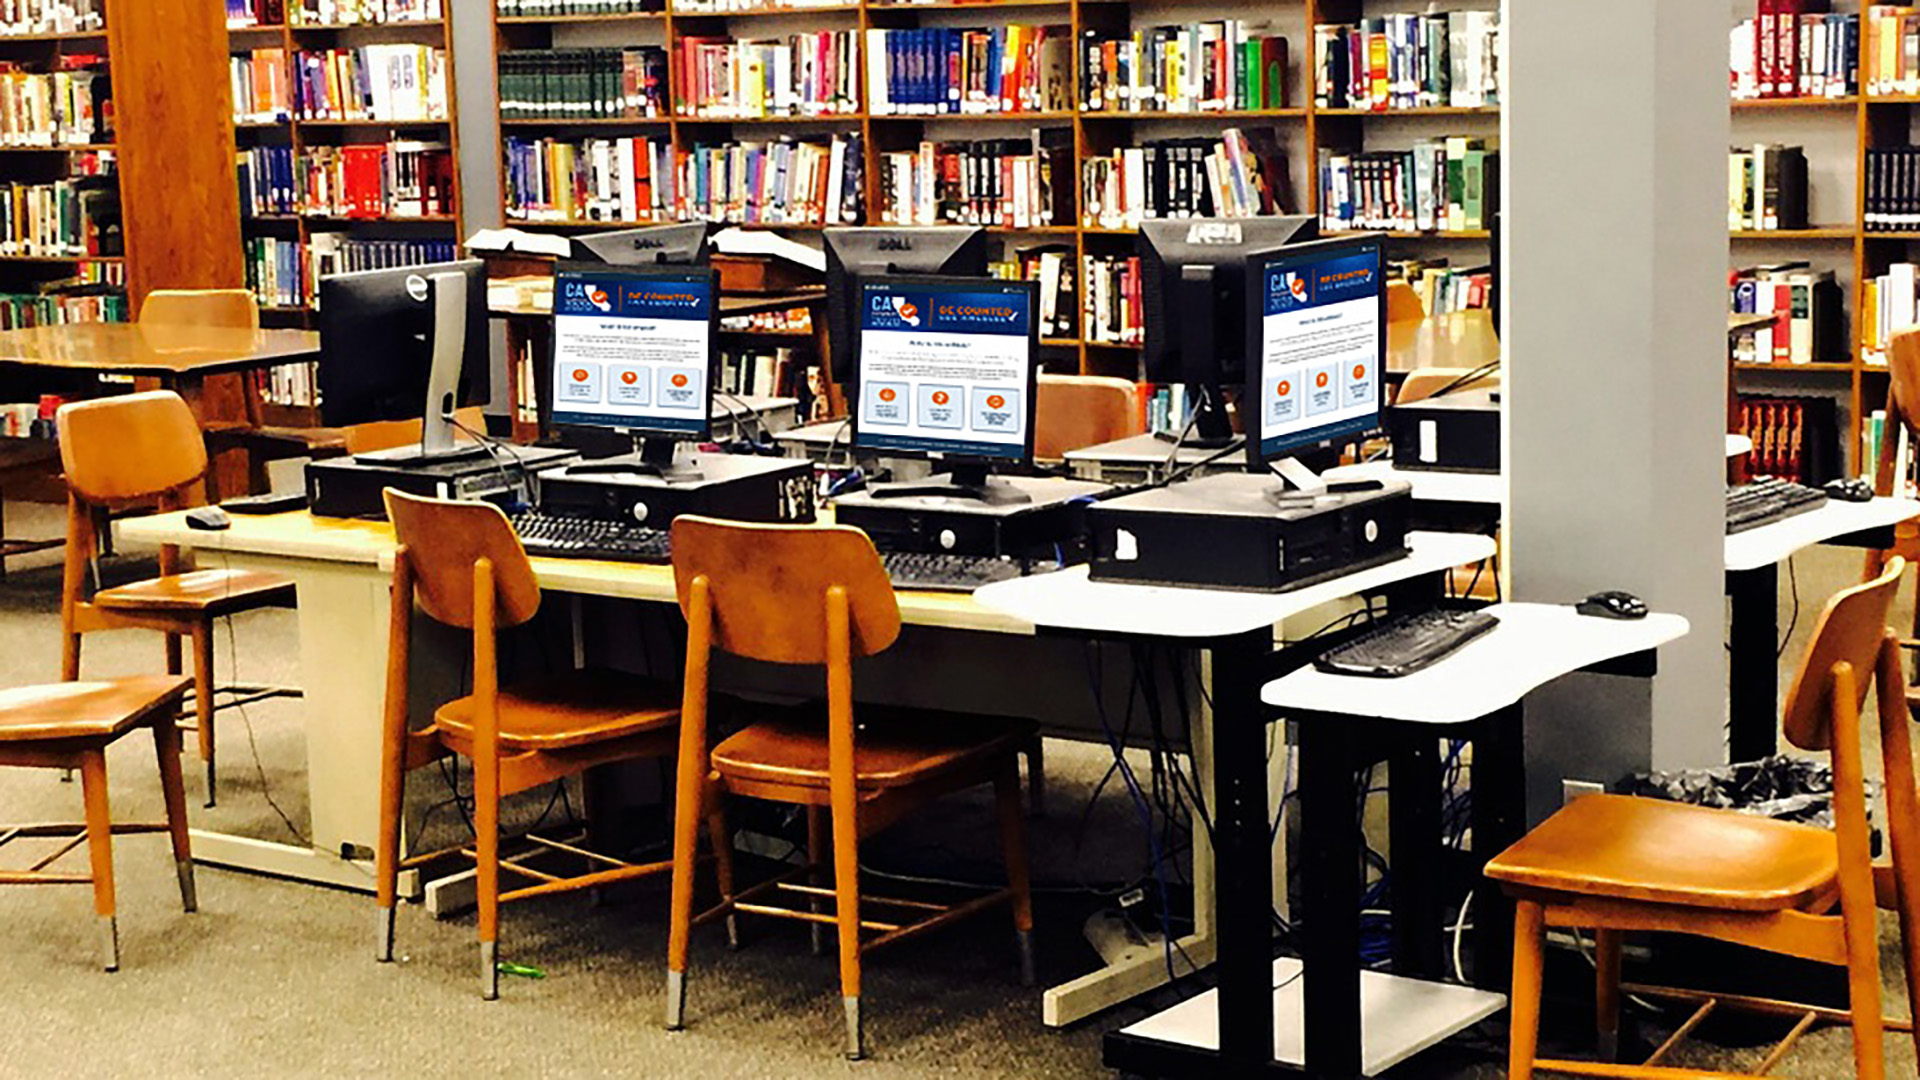 図書室で複数のデスクトップコンピューターの画像にLos Angelesのみなさん、2020年国勢調査に参加しましょうのテキスト付きカリフォルニア州地図のロゴが表示されているバナー。